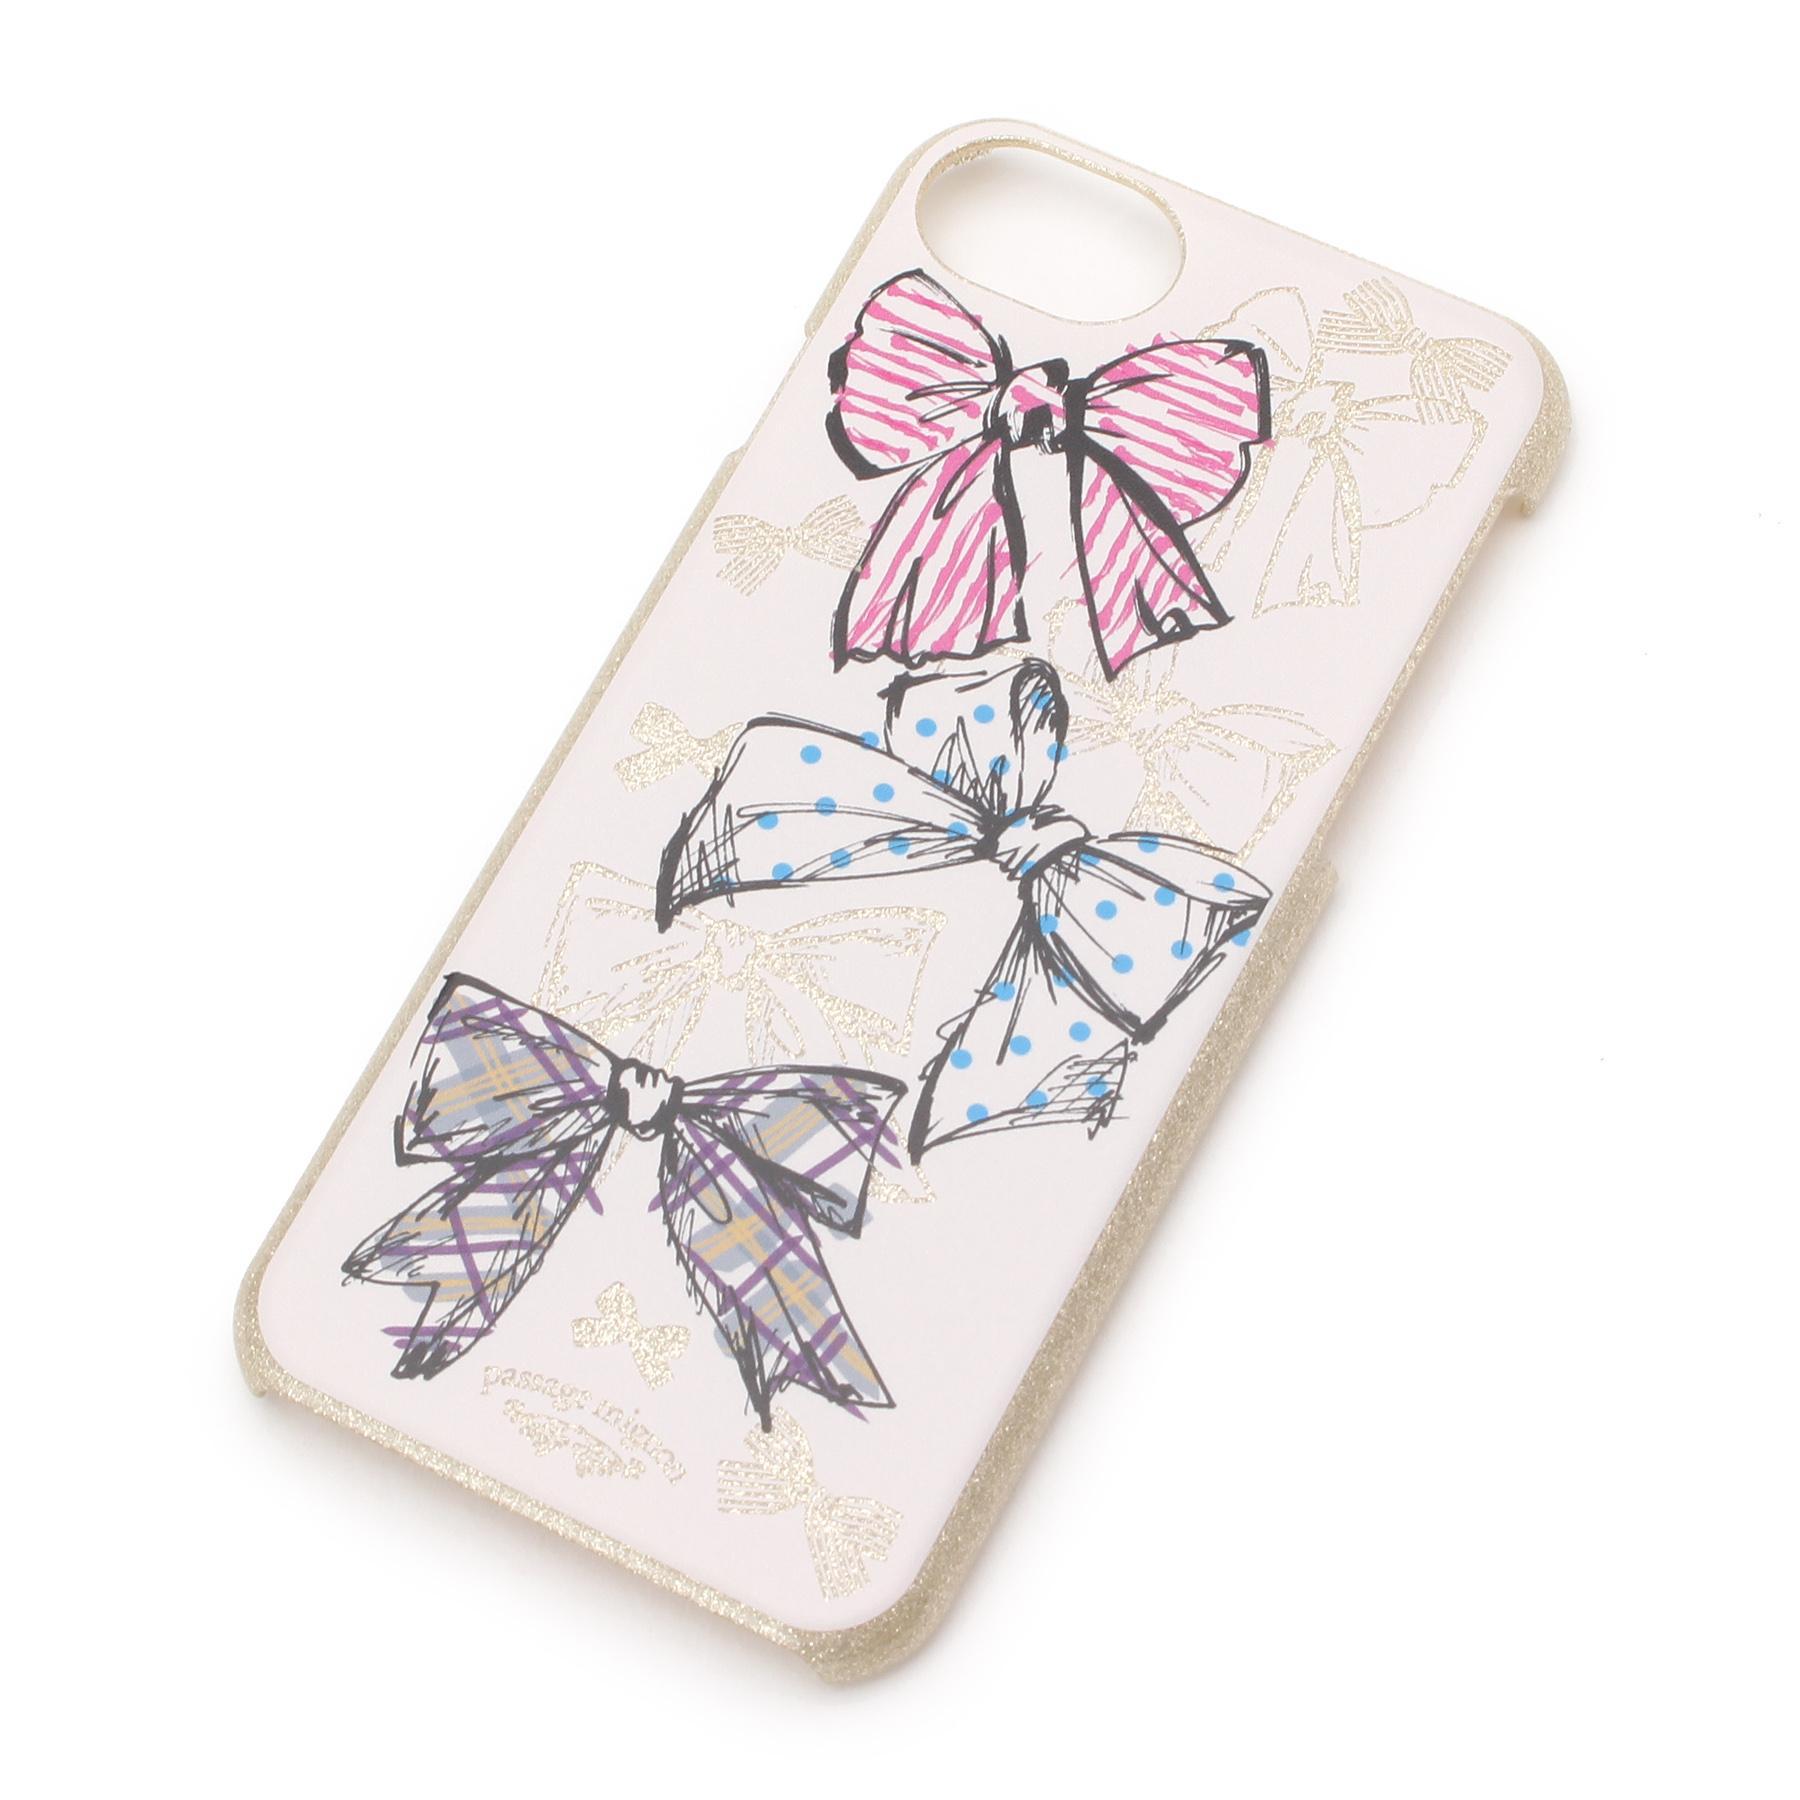 【passage mignon (パサージュ ミニョン)】リボン柄iPhoneケース(iPhone8/7/6s)レディース 雑貨 モバイルケース ピンク系